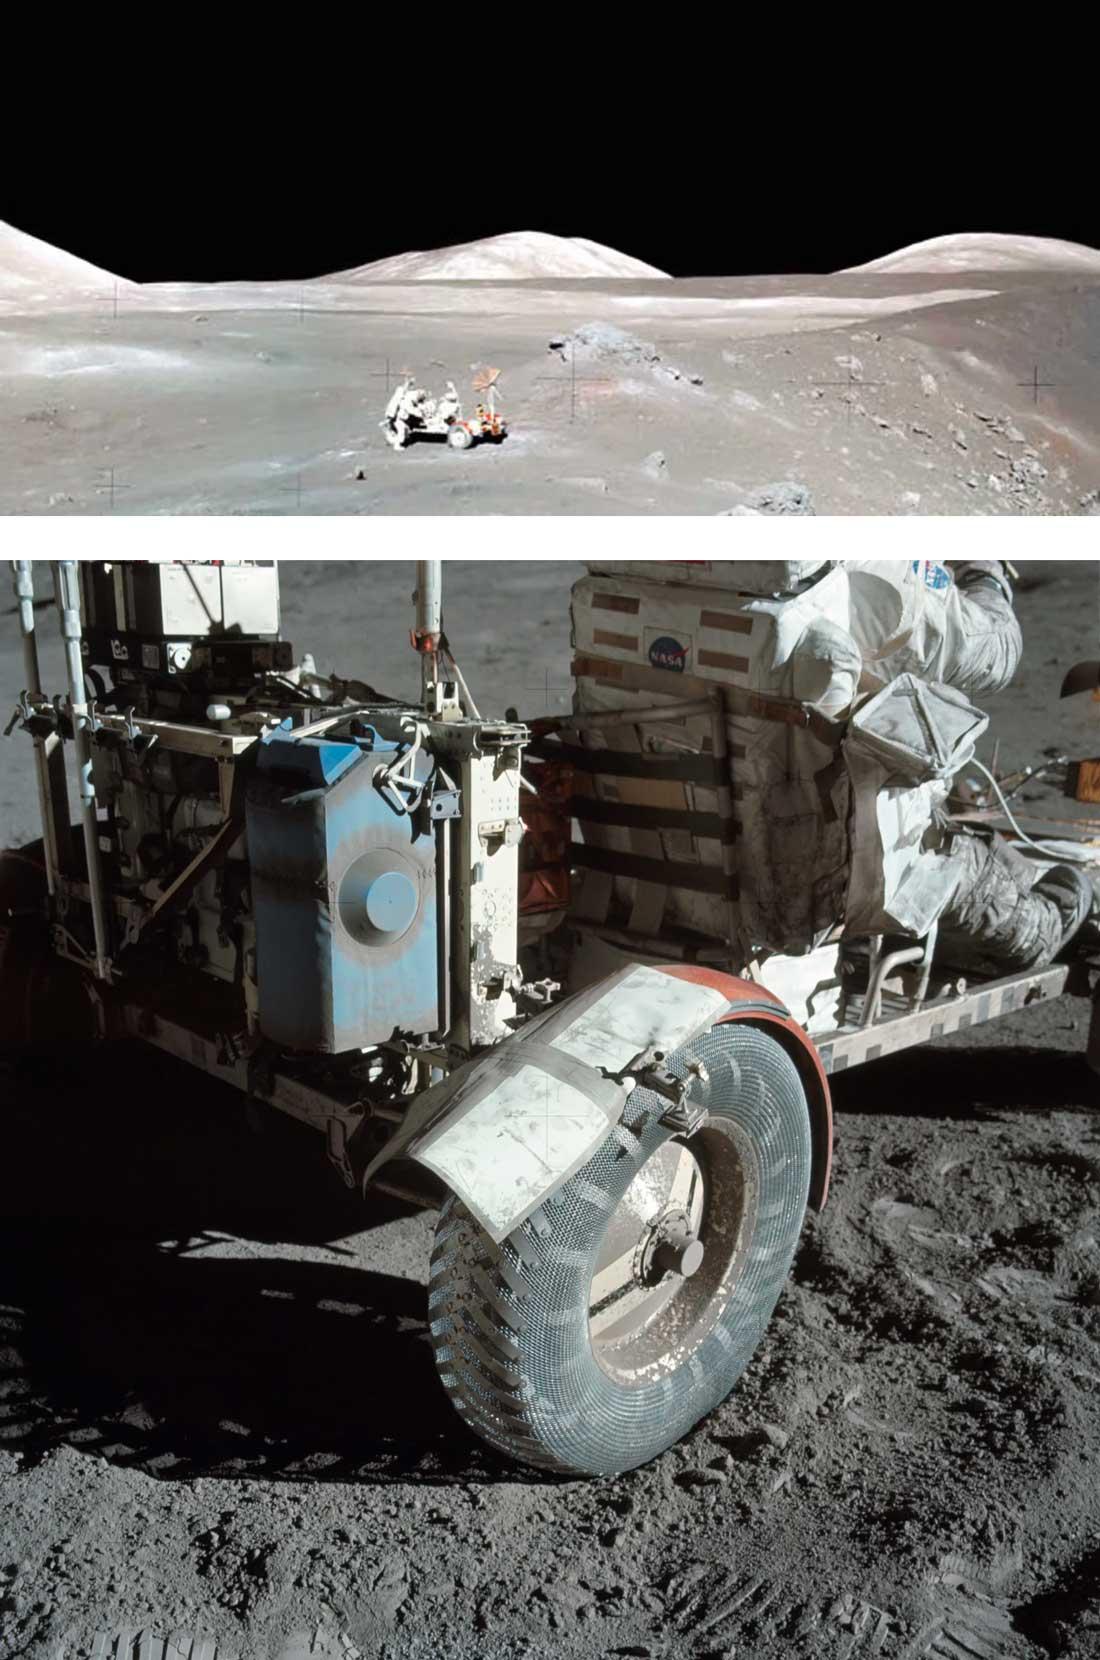 Reparación del guardabarros con cinta americana y un mapa, durante el paseo lunar en un rover de la misión apolo 17